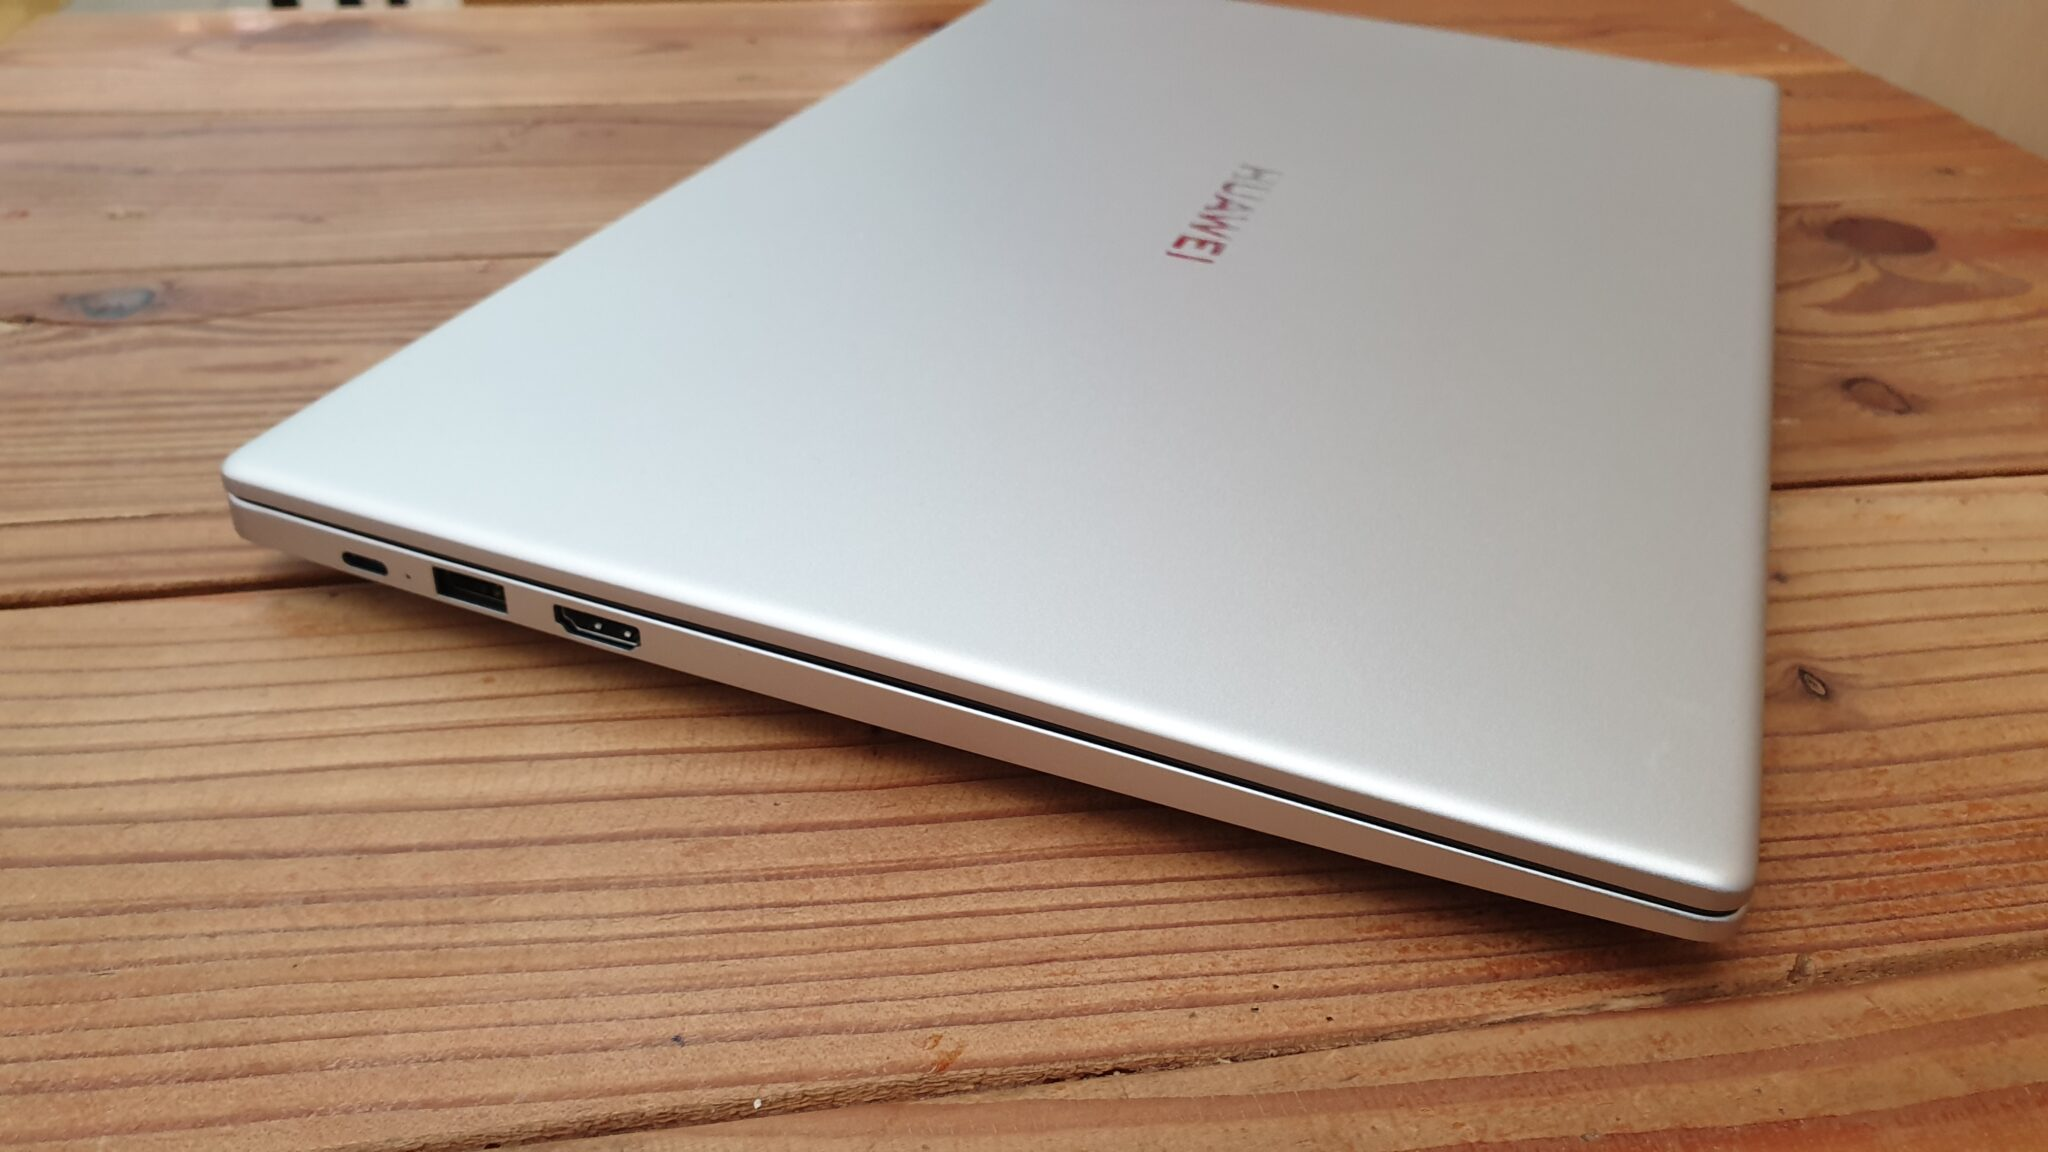 MateBook D 15 left